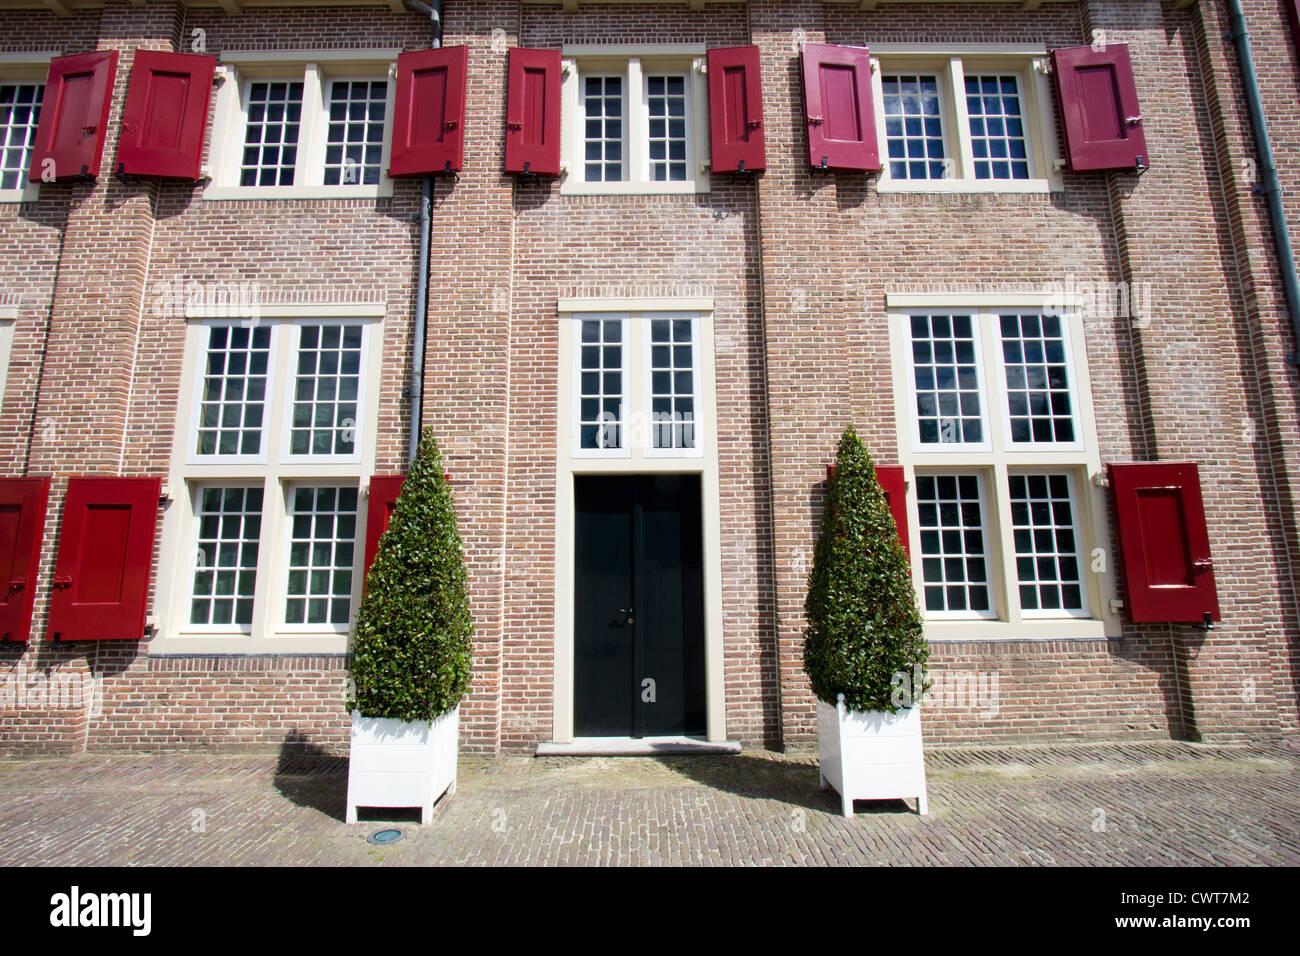 Palace 'Het Loo' in Apeldoorn, The Netherlands - Stock Image